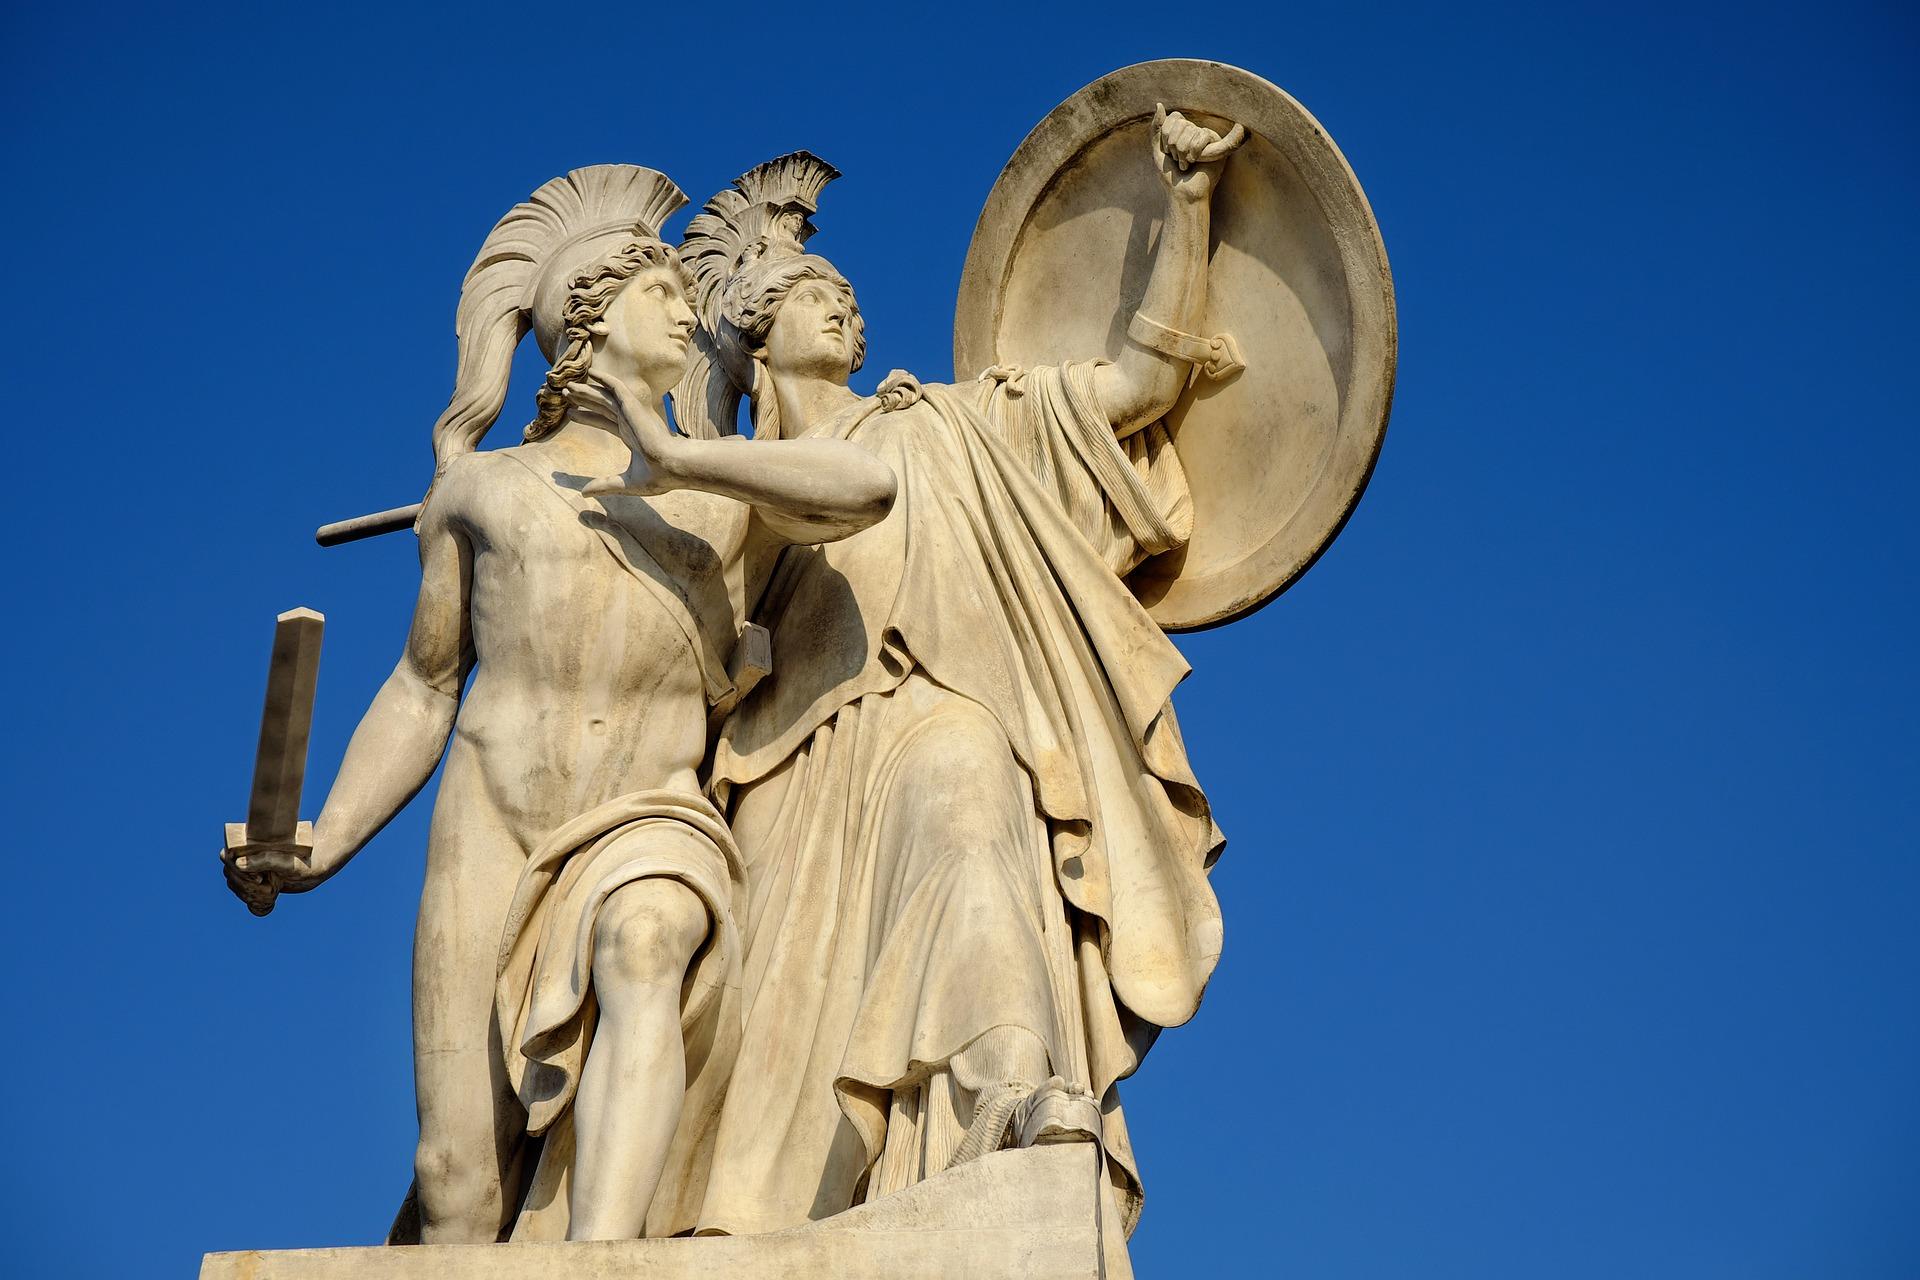 La mitología griega antigua y el mercado de cifrado;  Olympus Token busca fomentar una relación